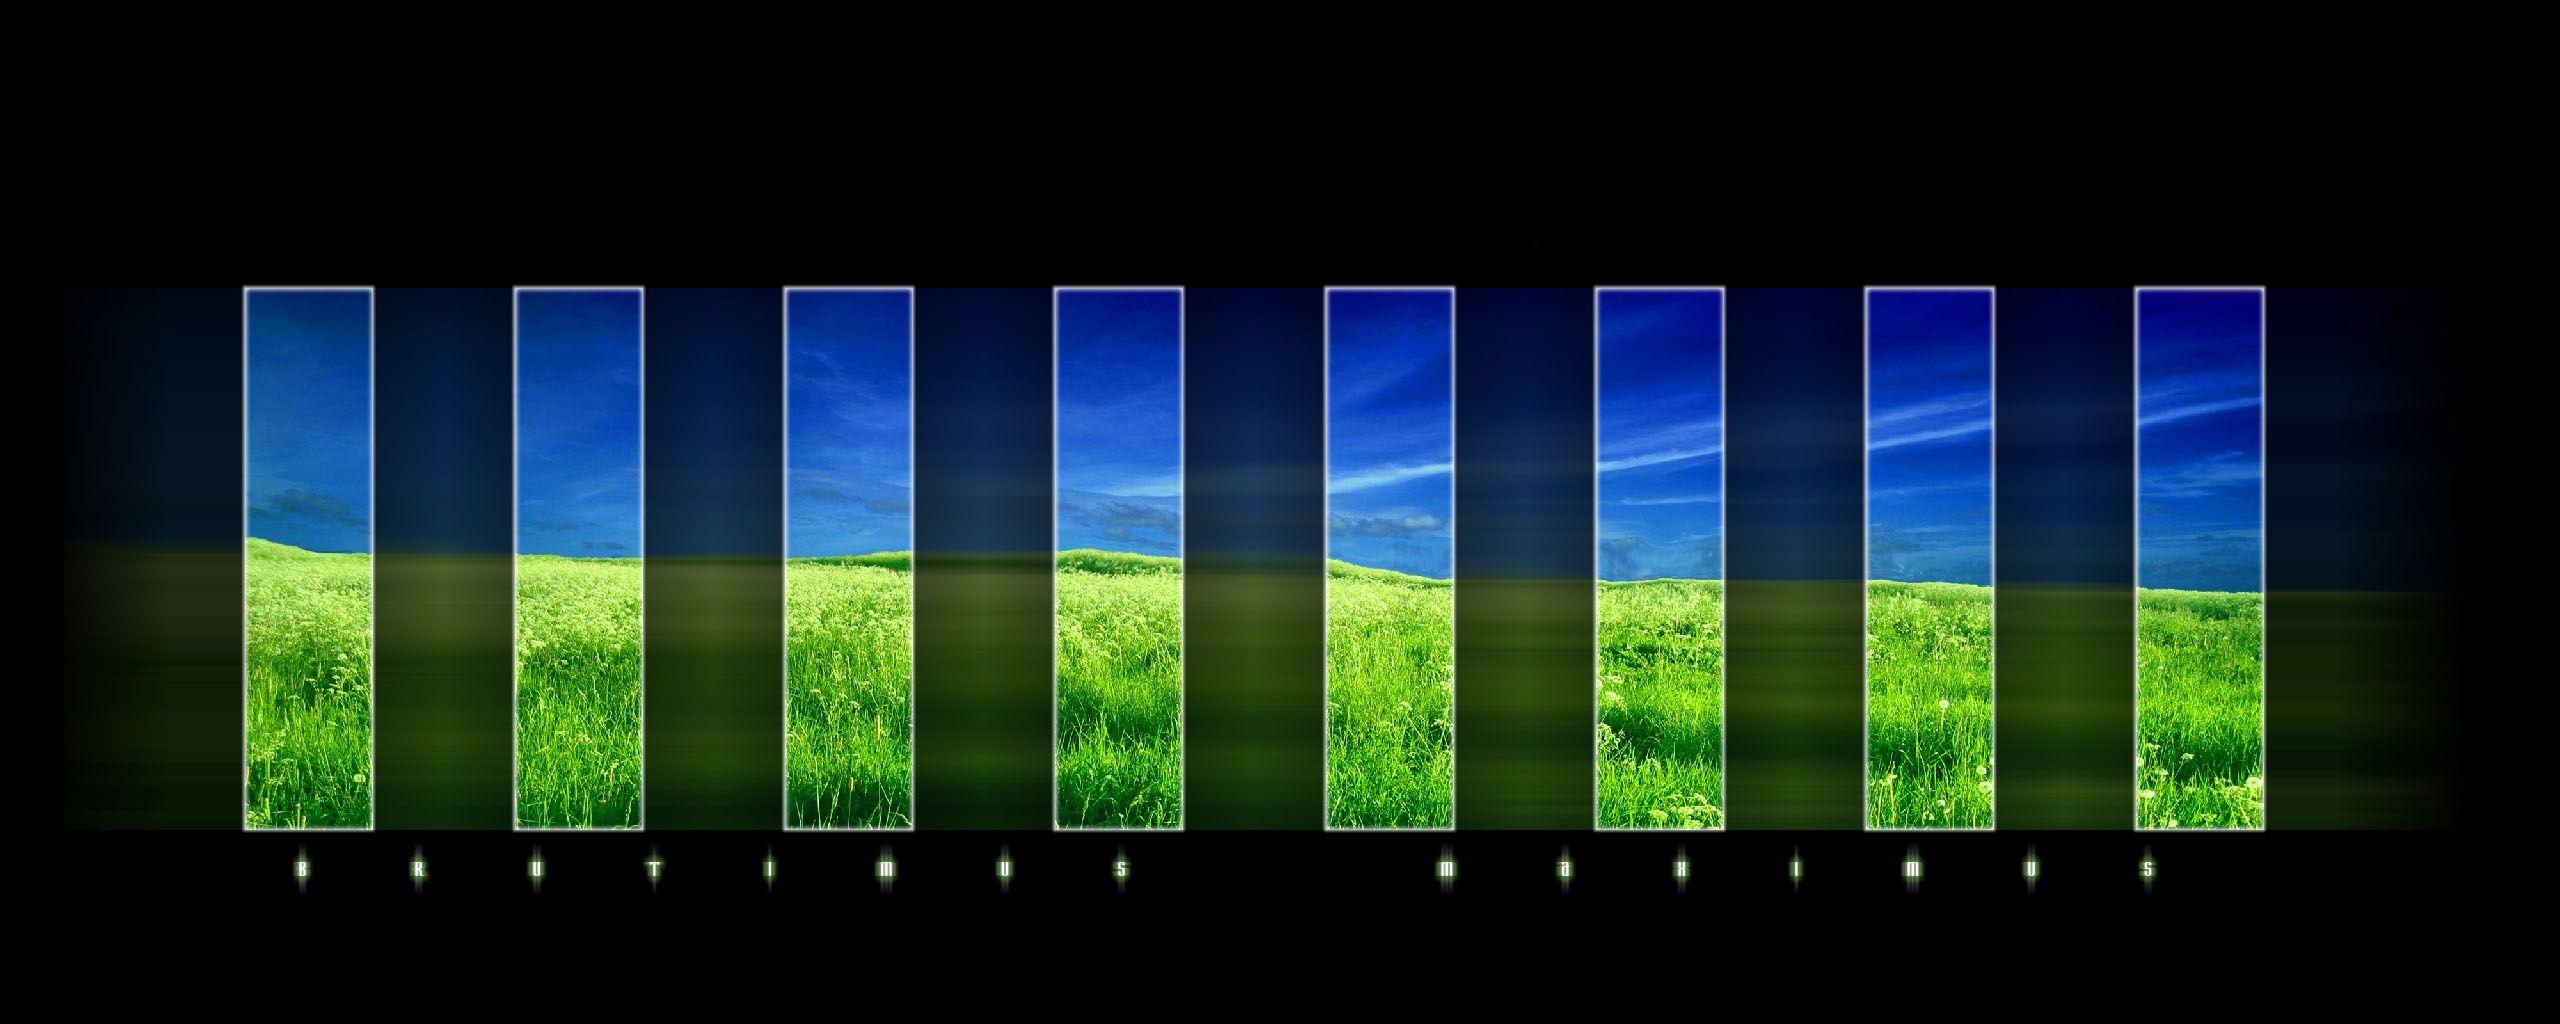 Portal Dual Screen Wallpaper Gaming 2560x1024 Display Wallpapers 13